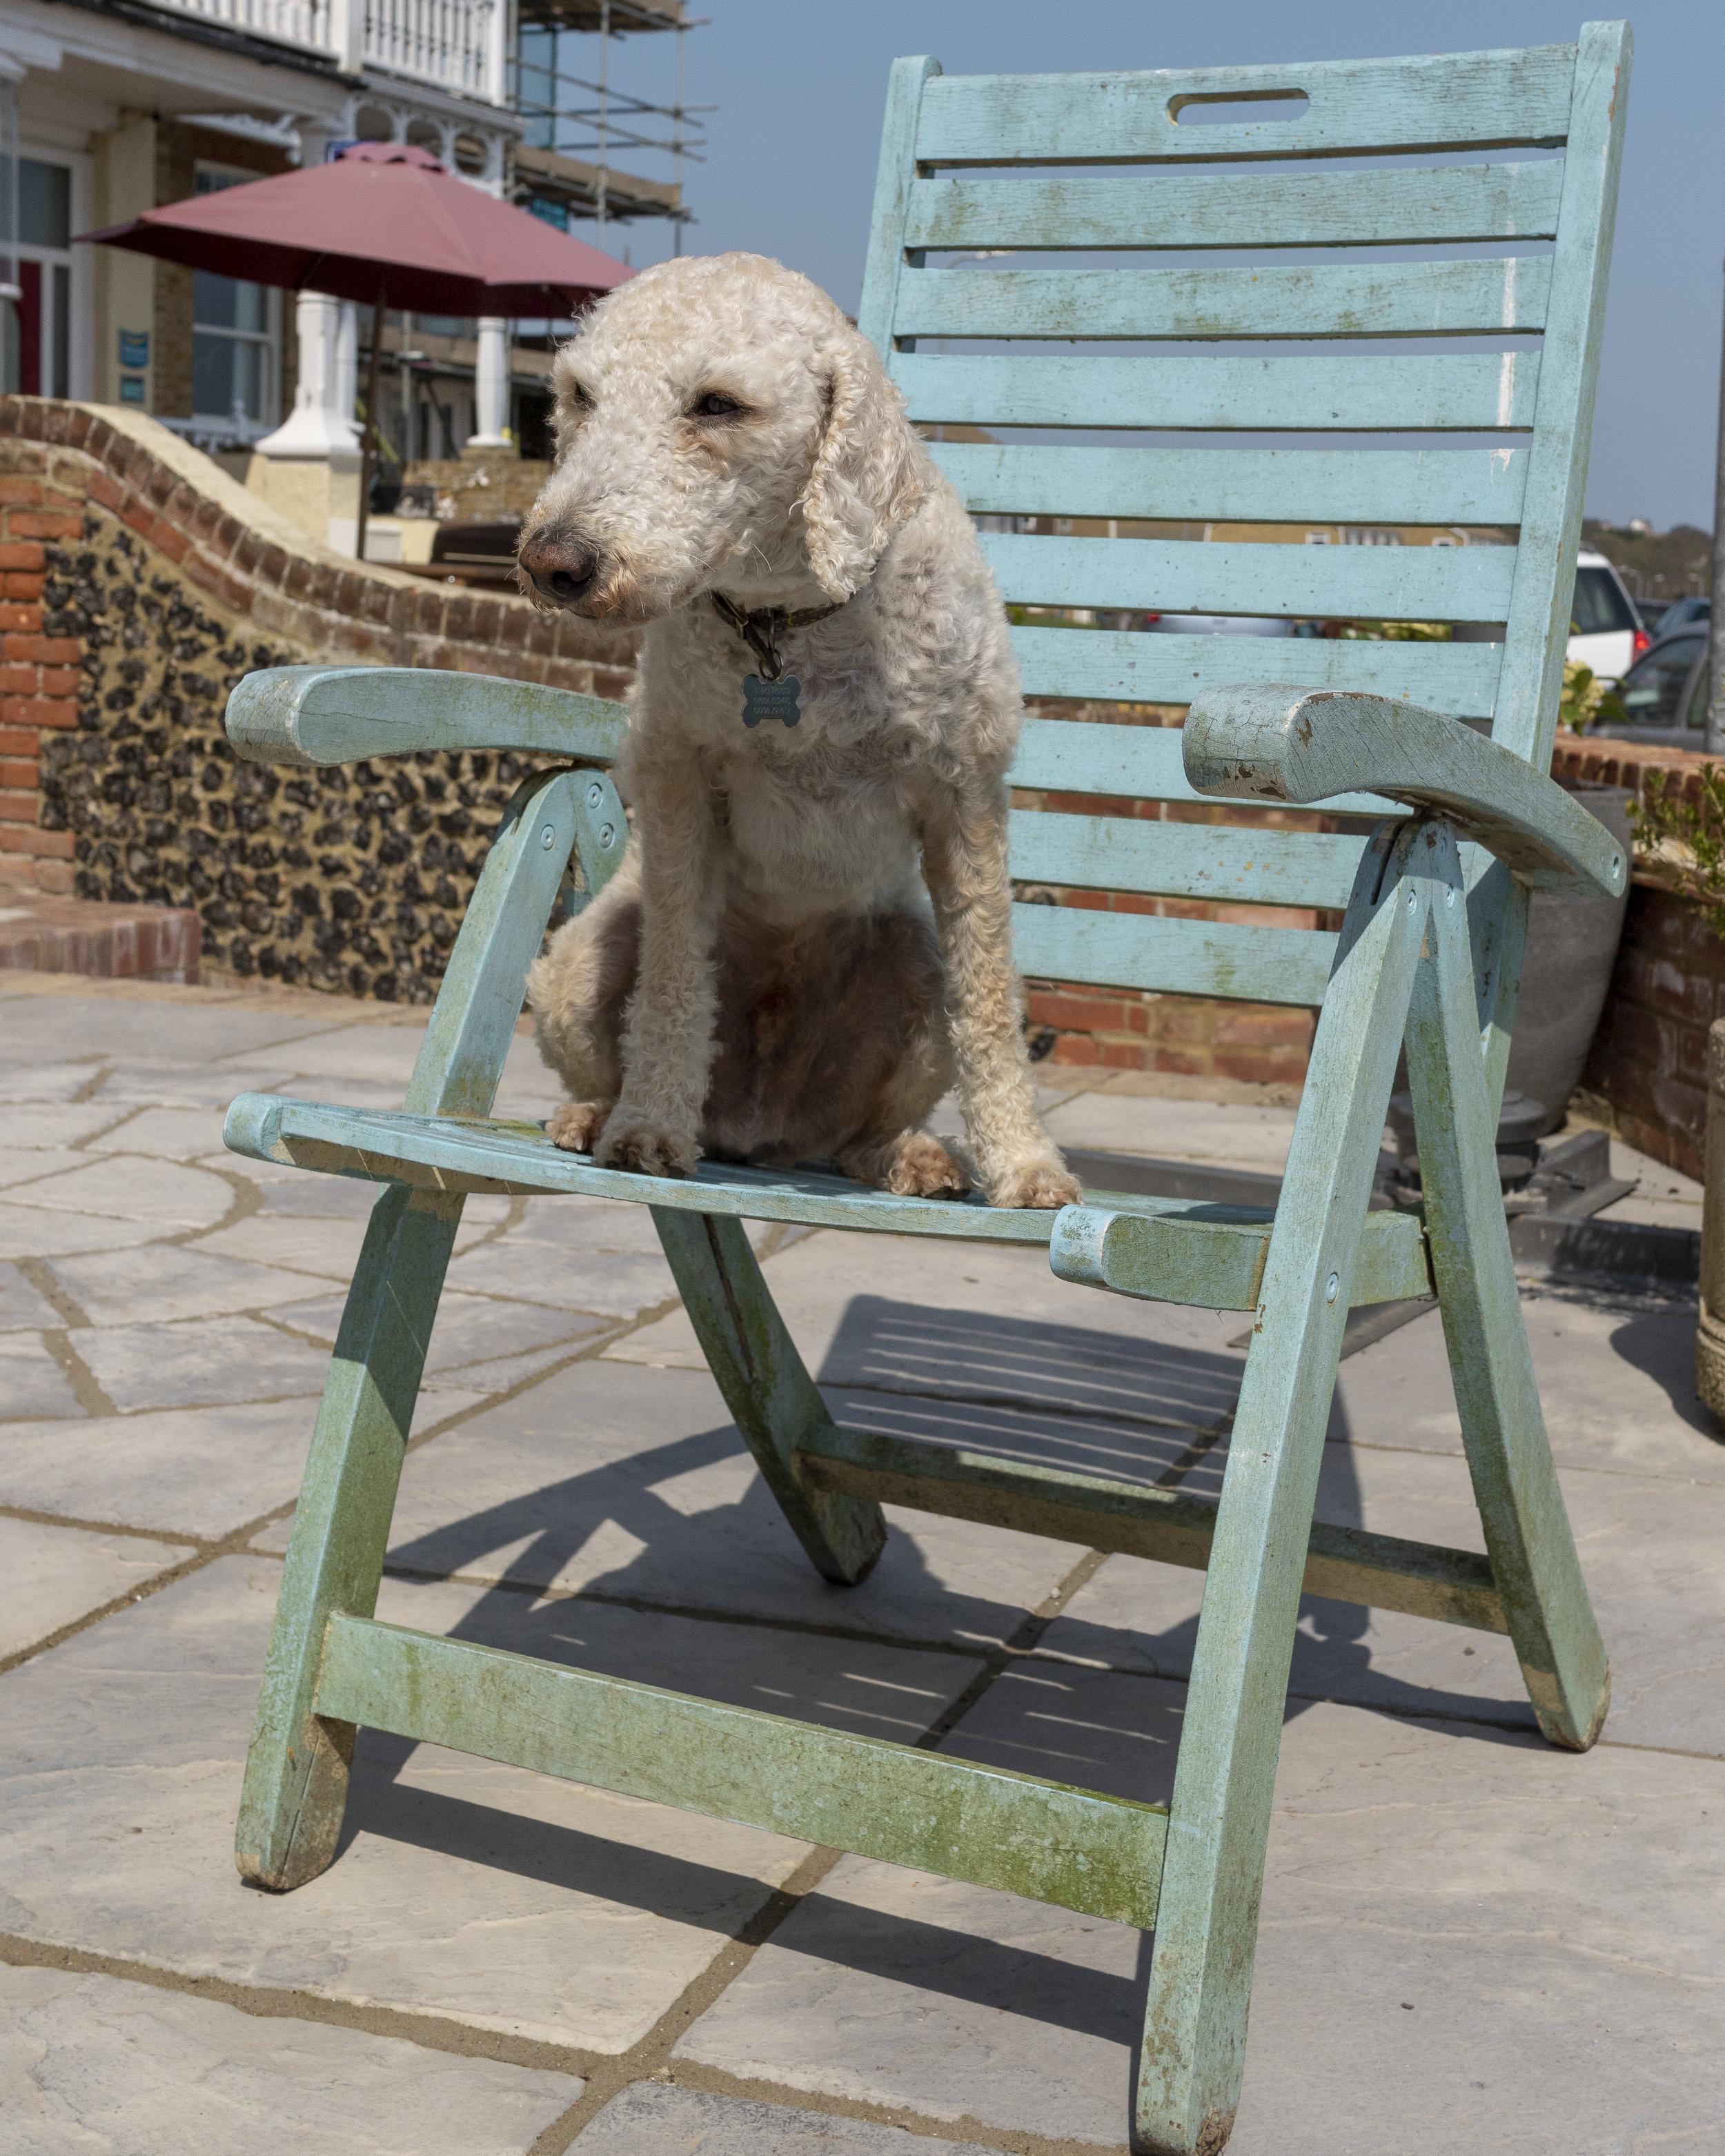 Ben the Bedlington Terrier